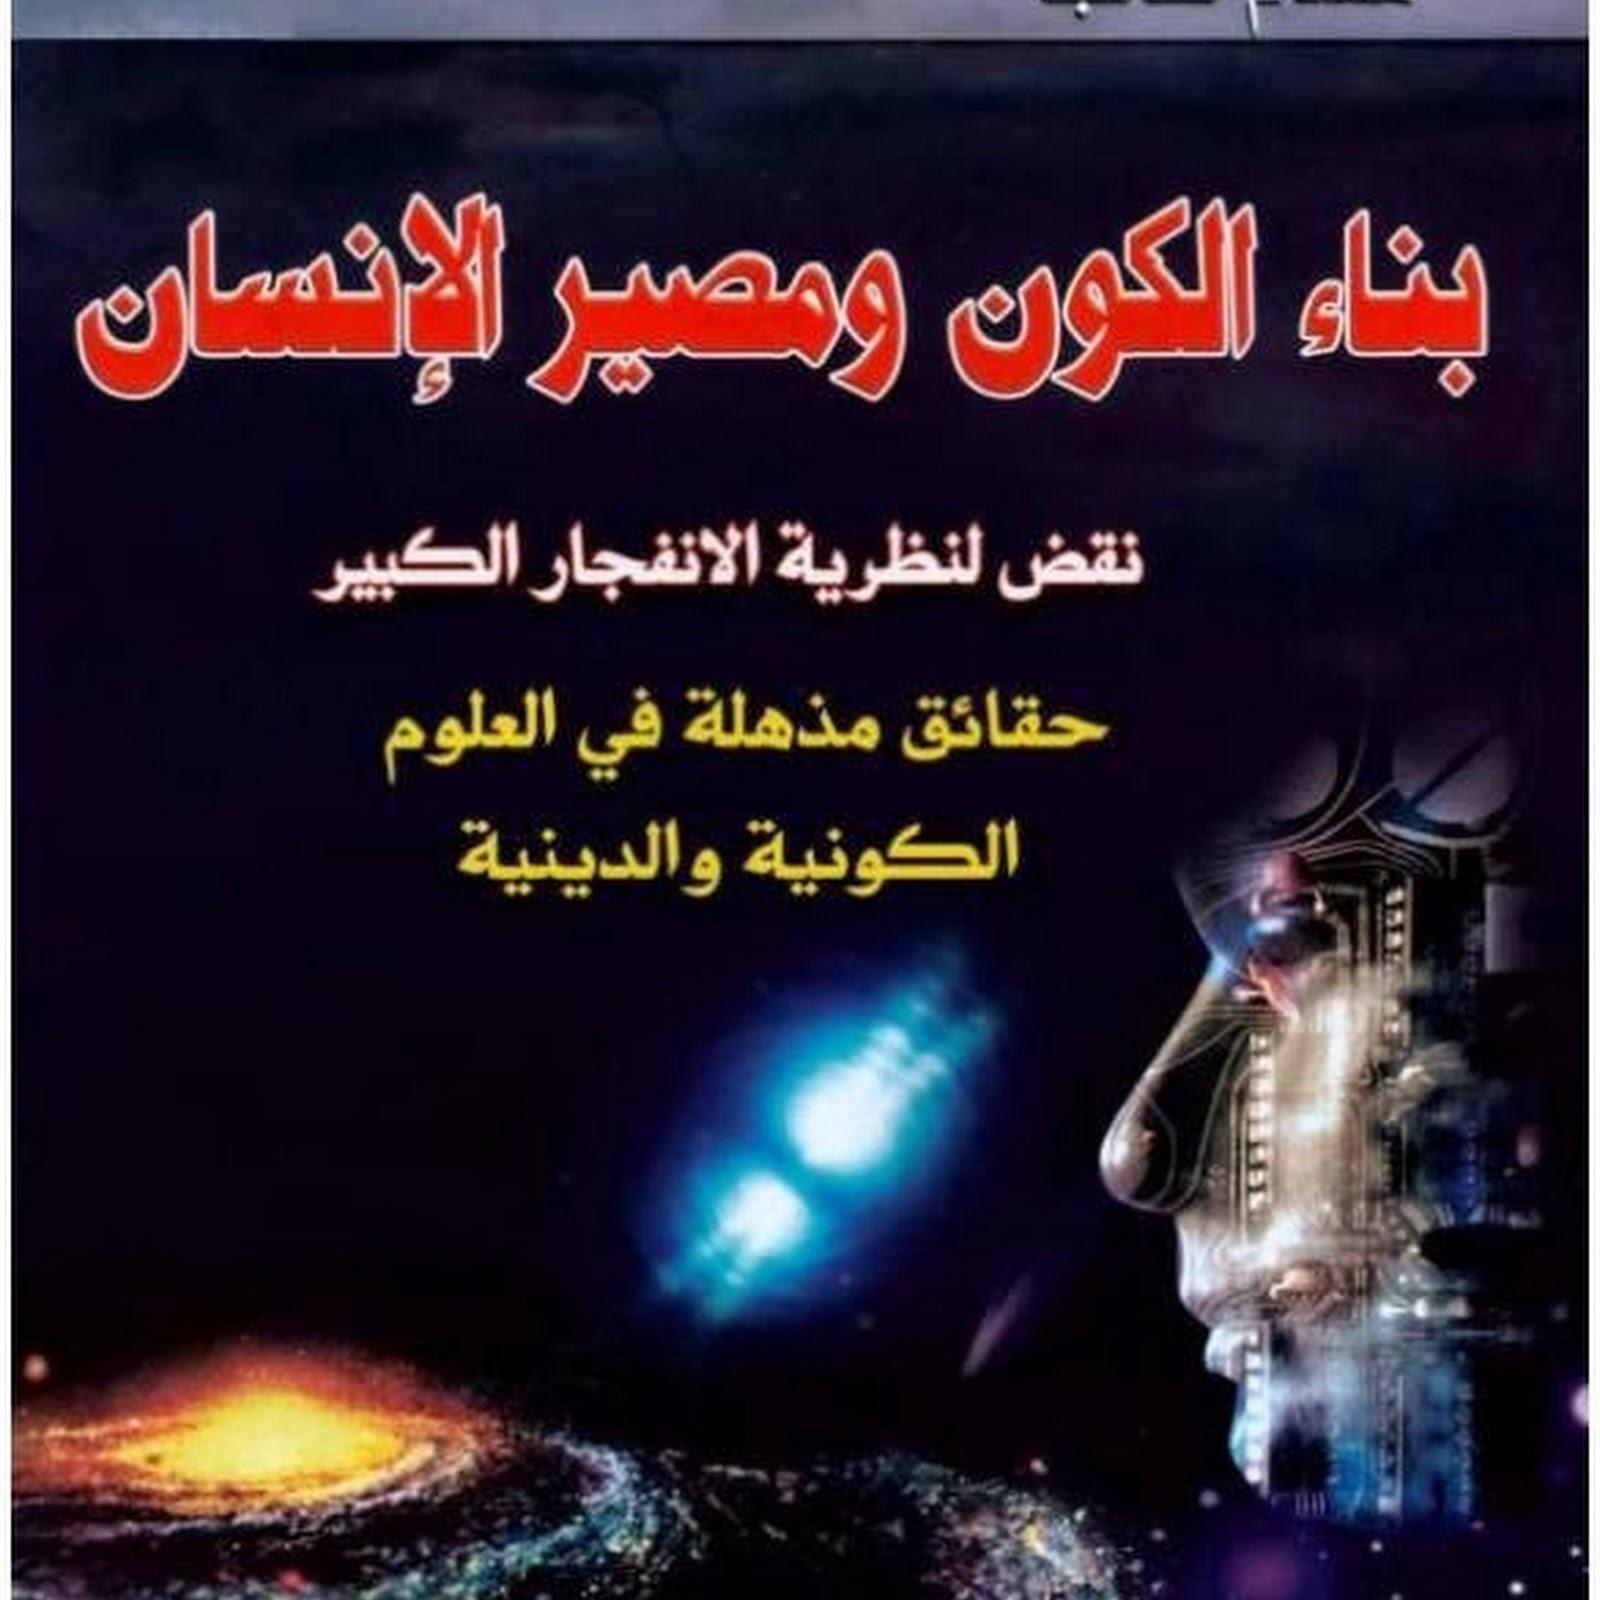 Photo of تحميل كتاب بناء الكون ومصير الإنسان pdf لـ هشام طالب